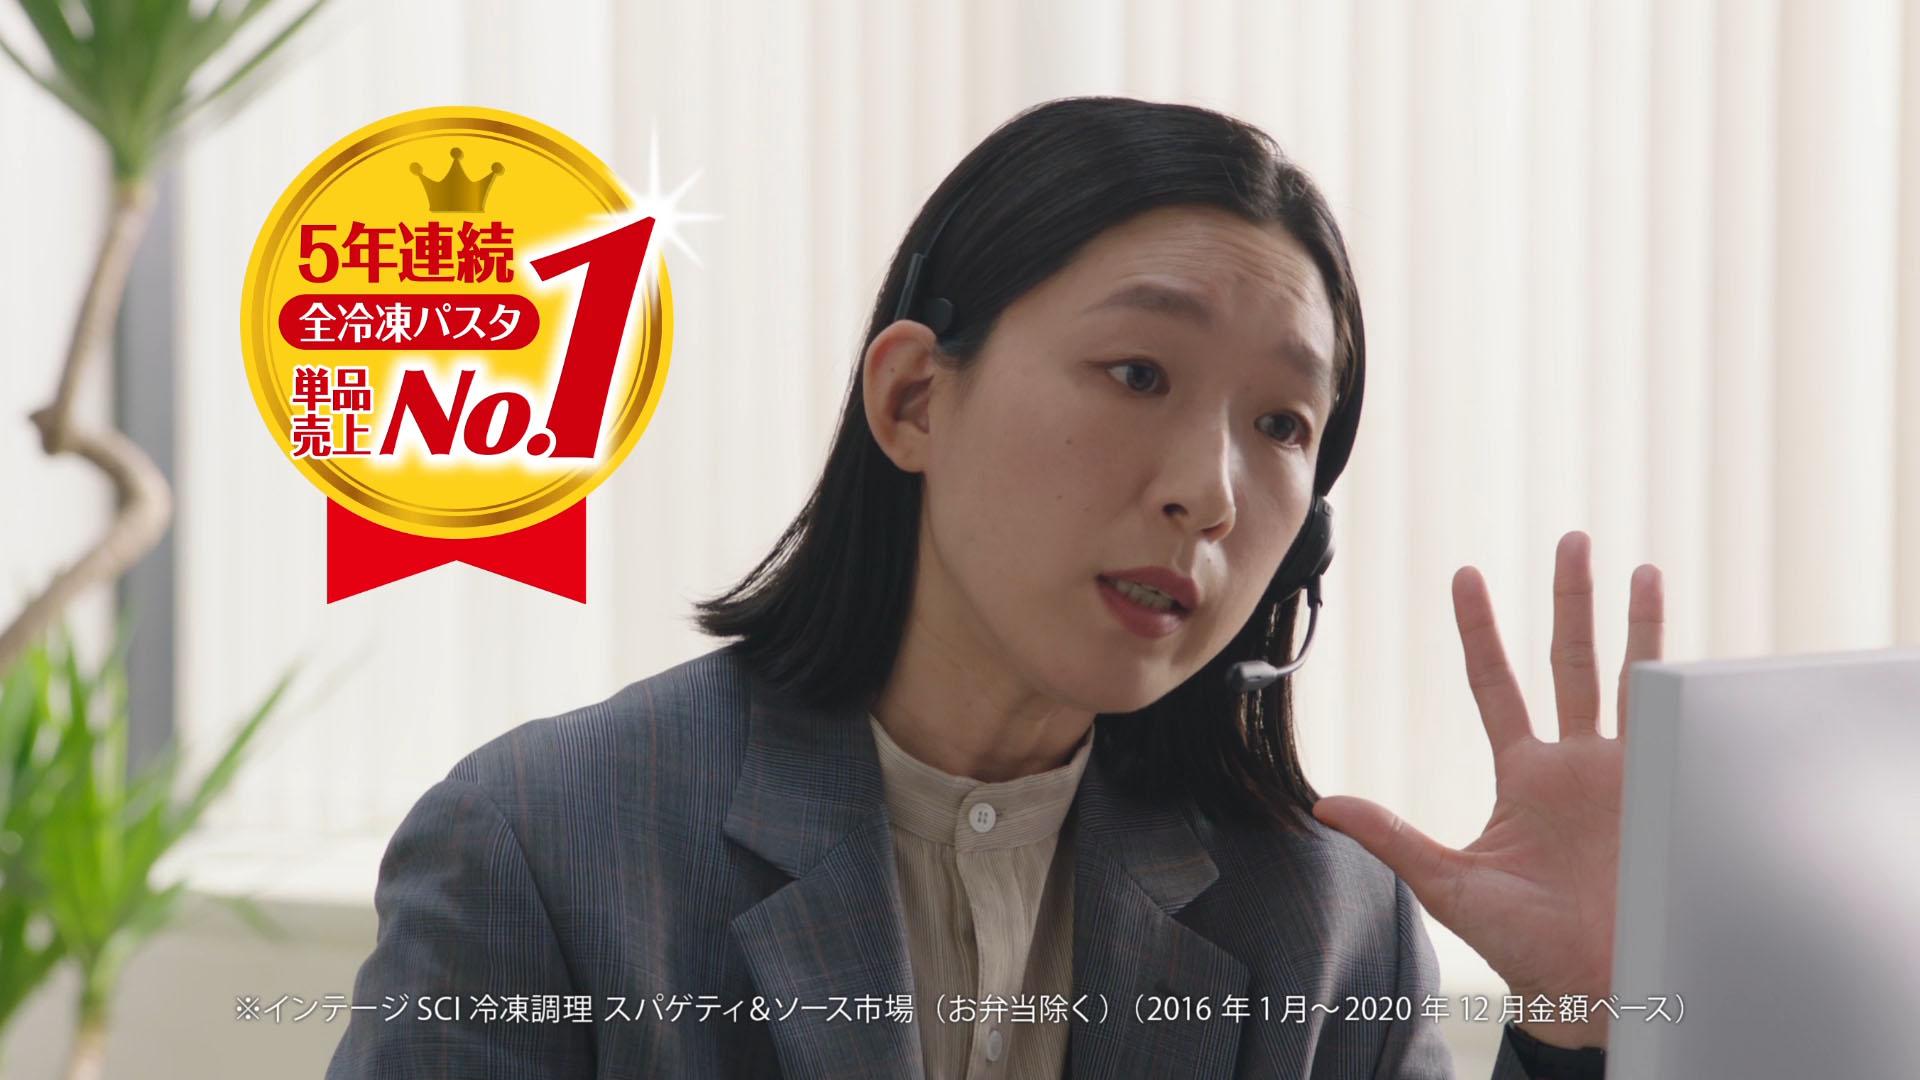 3月25日から放映、江口のりこさんが「冷凍 日清もちっと生パスタ」を熱く説明するお客さま相談室のテレフォンオペレーター役